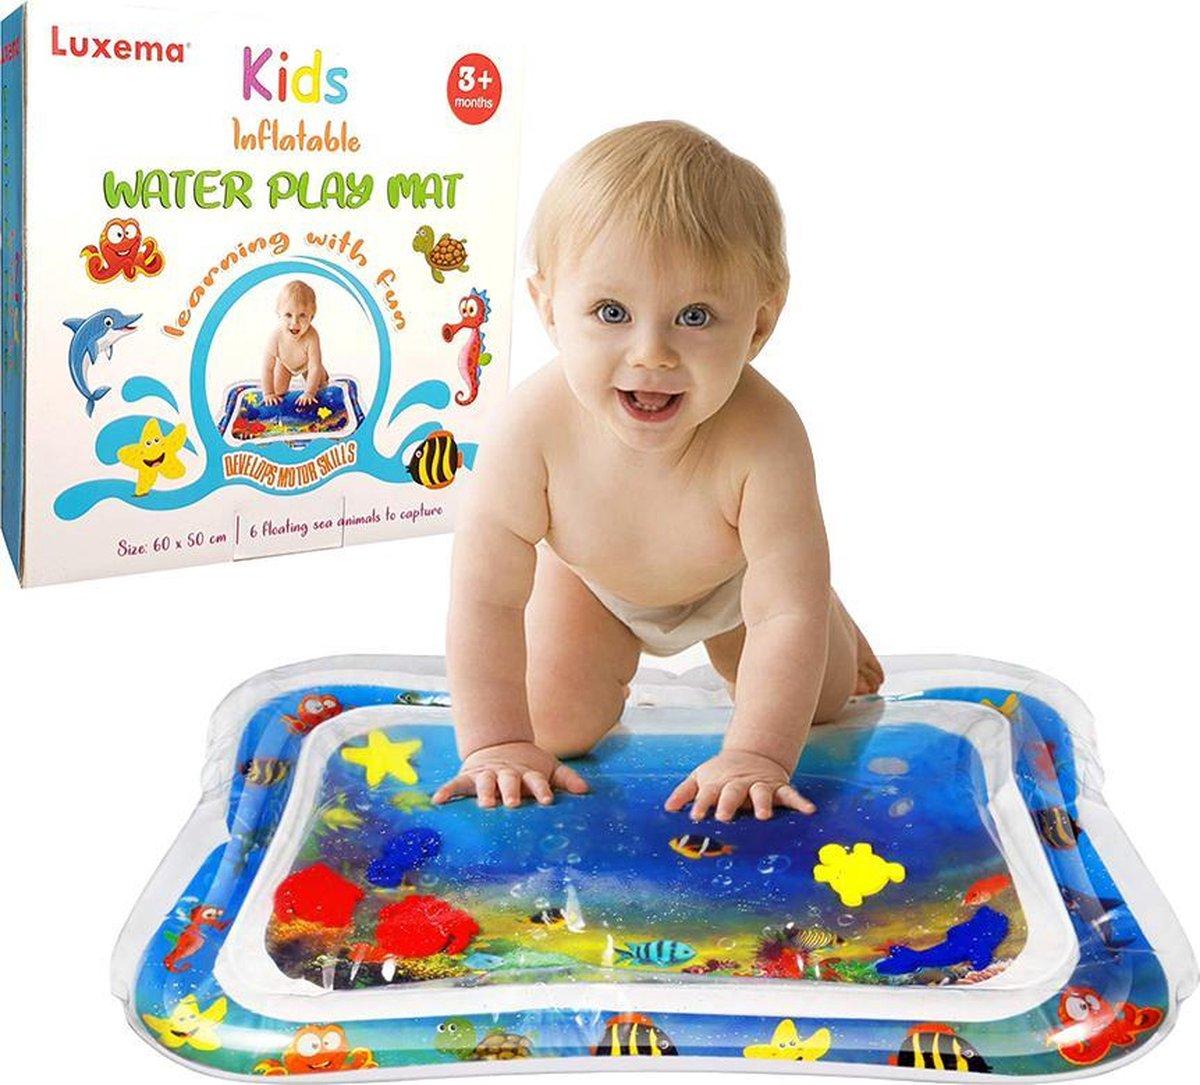 Luxema  - Originele Baby Opblaasbare Waterspeelmat - Hoge Kwaliteit - Babyspeelgoed - Water Speelmat